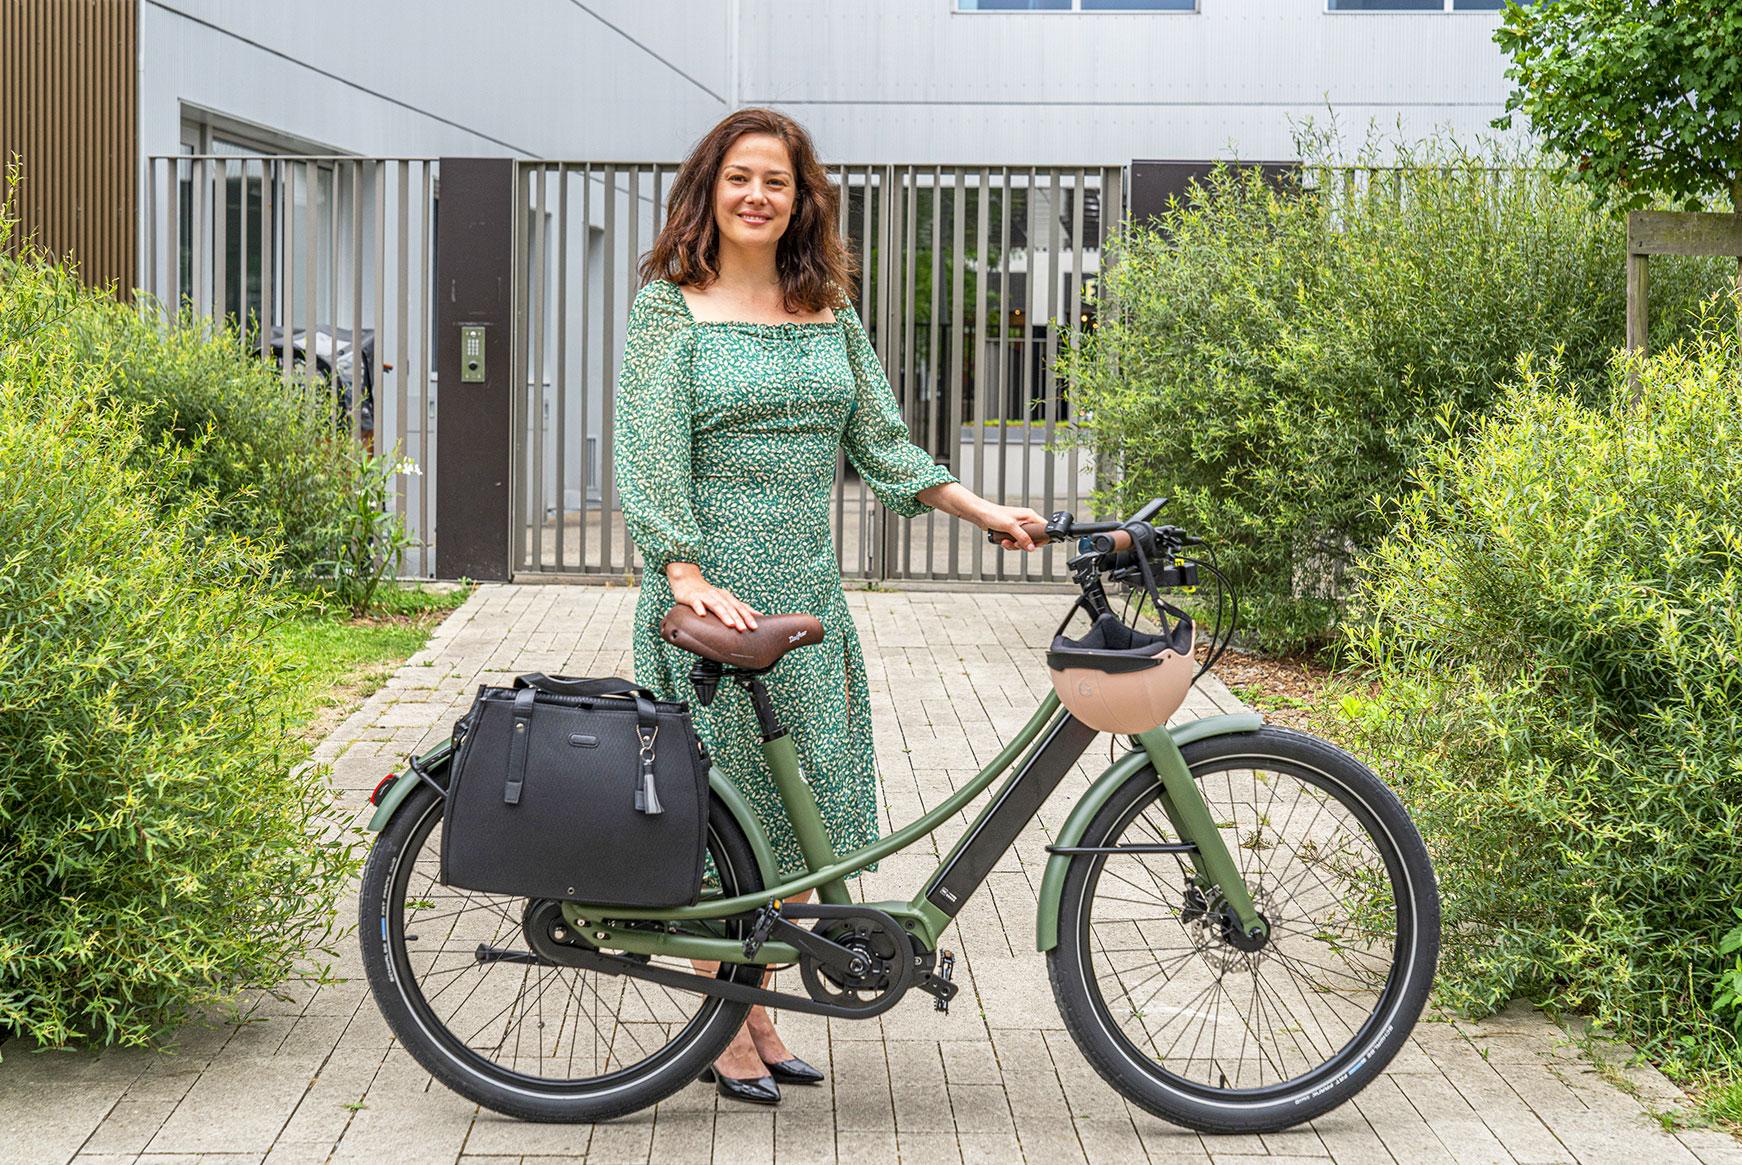 Conseiller femme VDI et de démonstration du vélo électrique Reine Bike Nantes